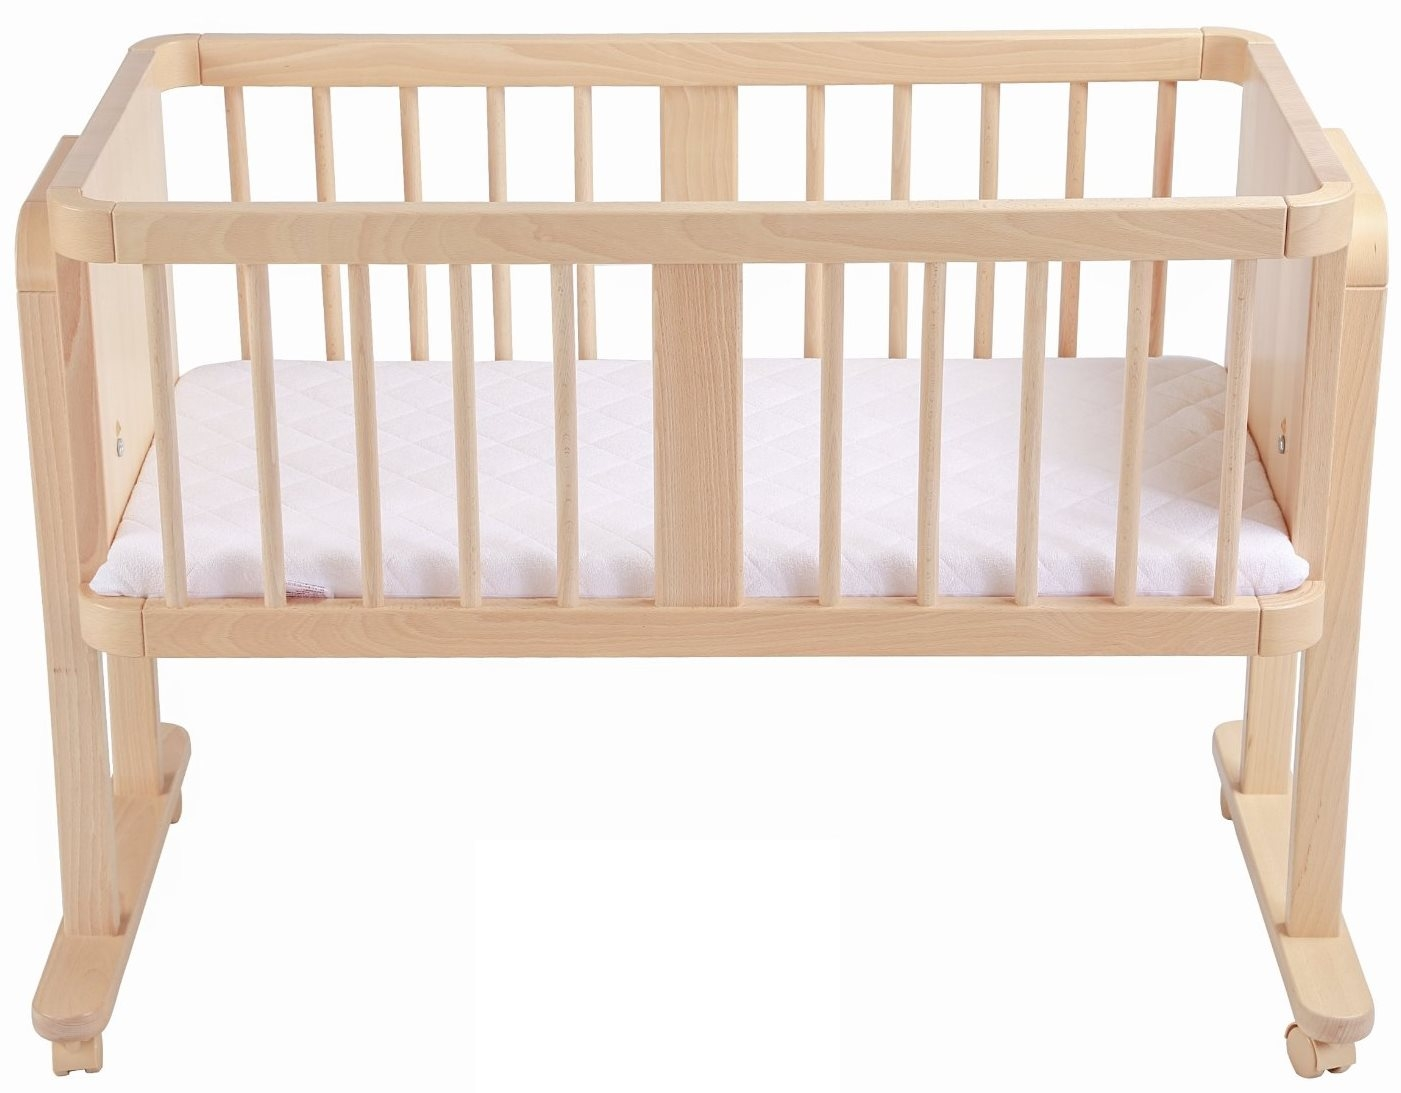 lit lit naturel aladin geuther. Black Bedroom Furniture Sets. Home Design Ideas